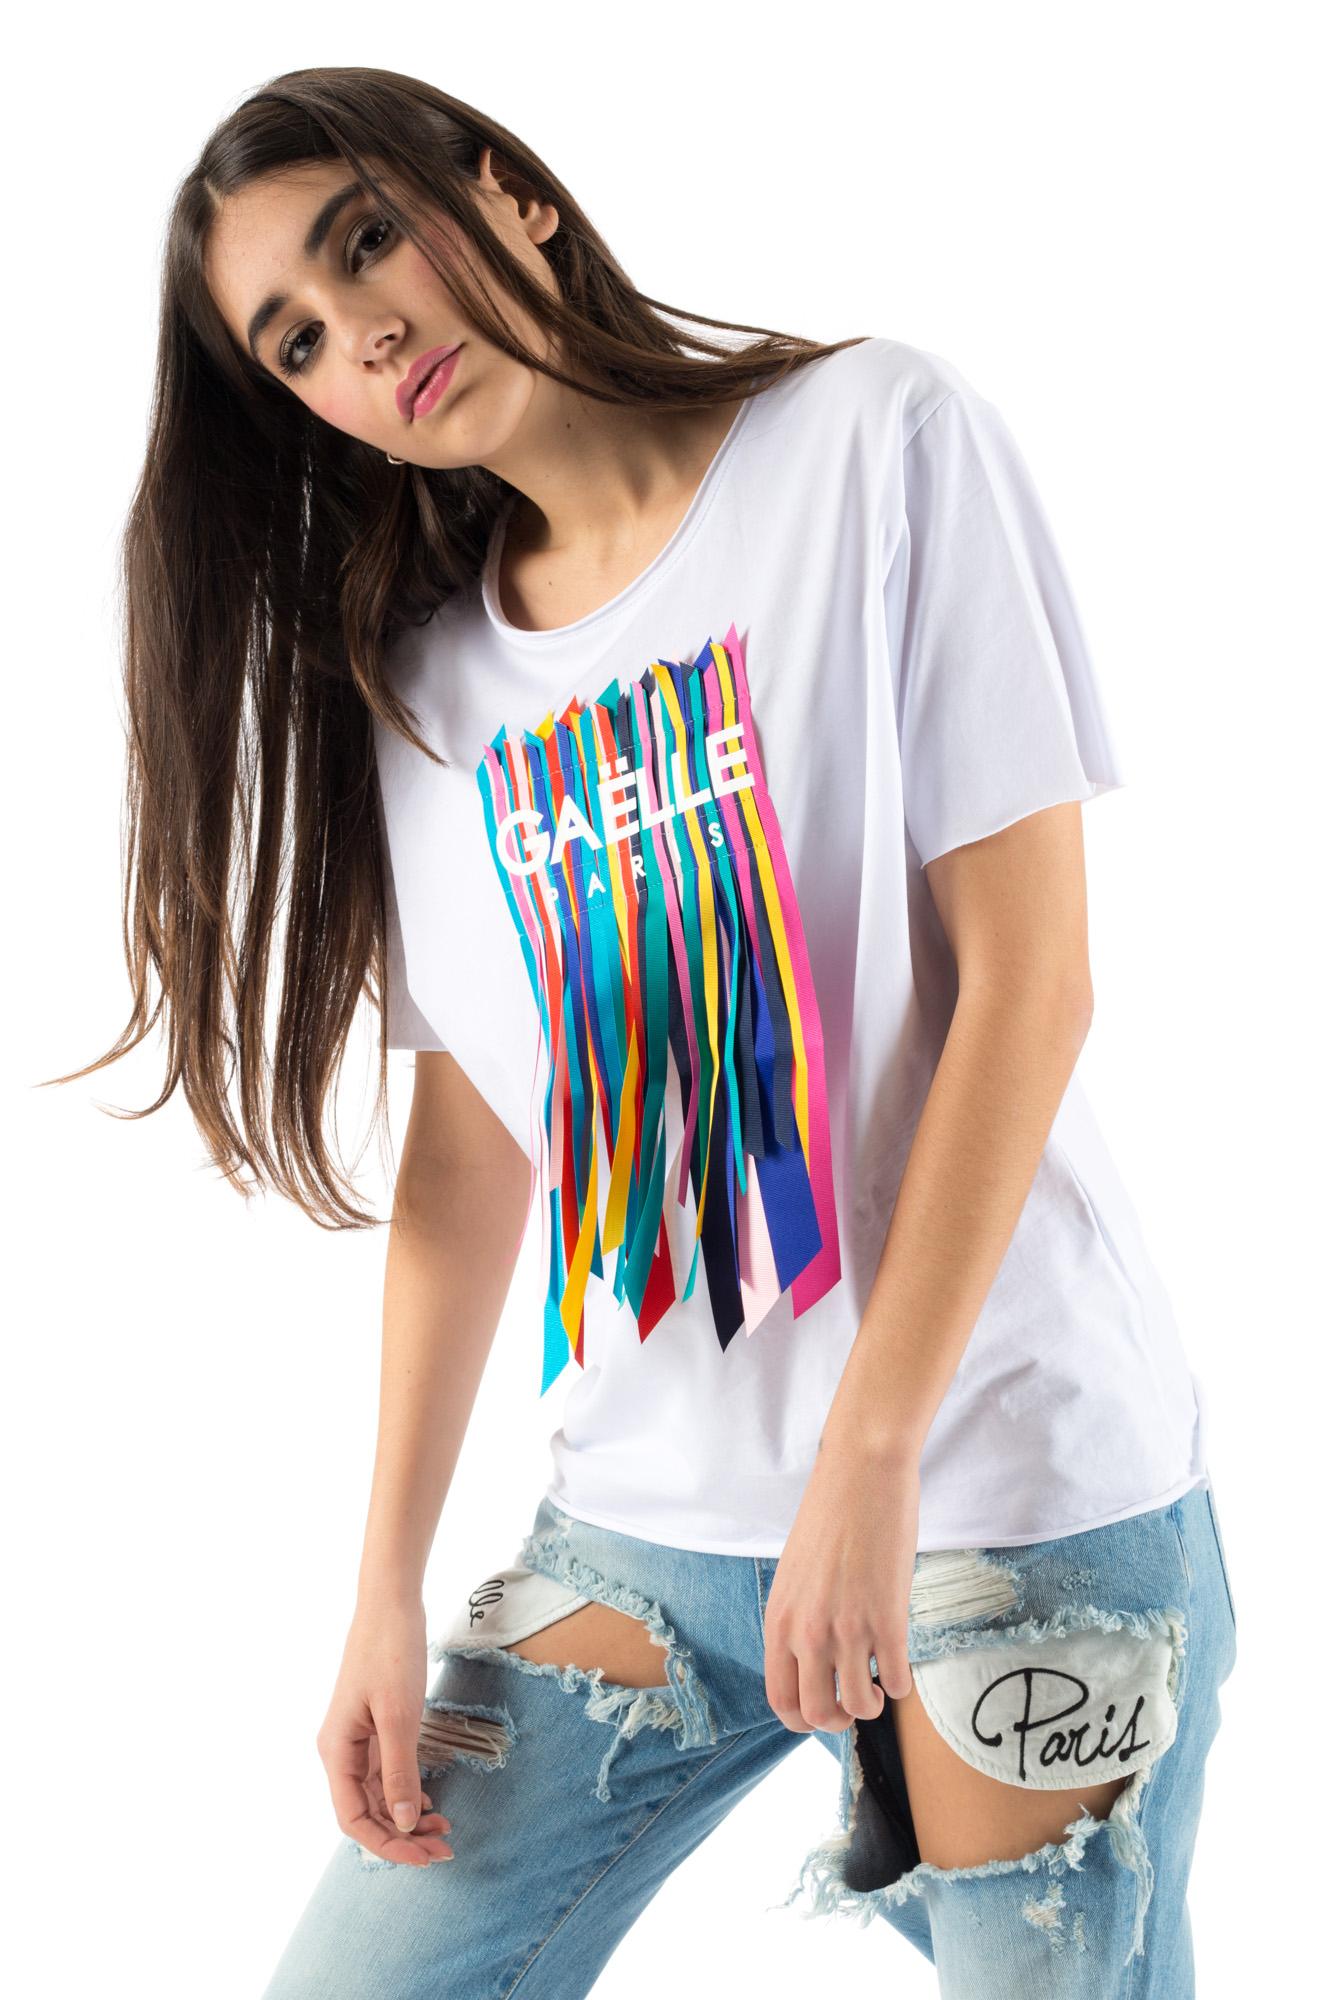 Très Gaelle T-shirt con logo e frange - Calibro Shop AV83